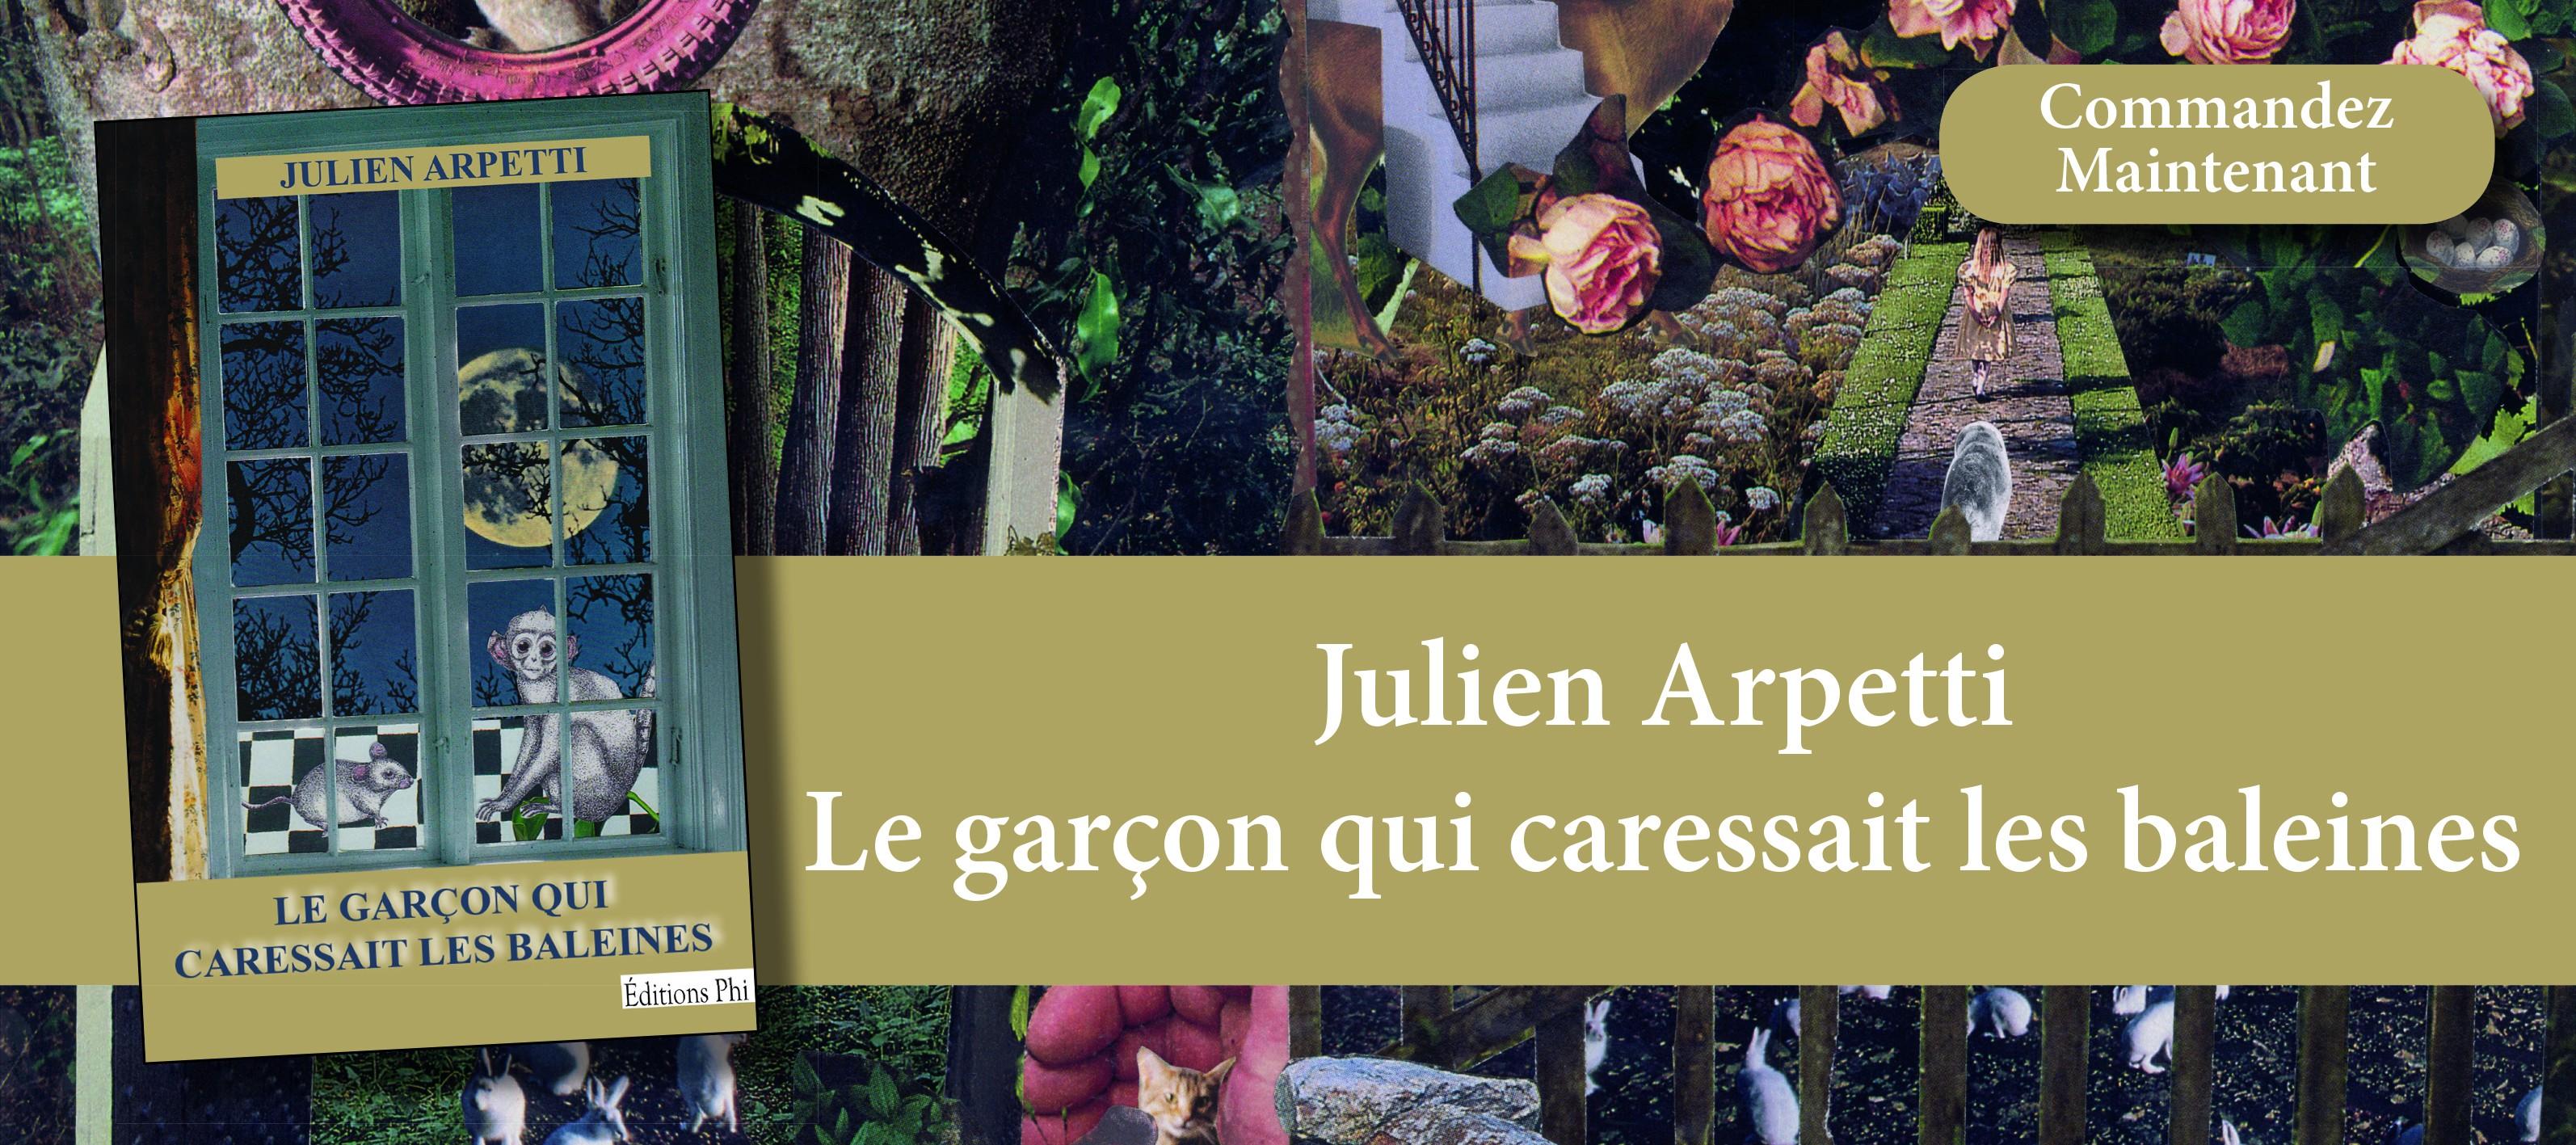 Julien Arpetti - Le garçon qui caressait les baleines